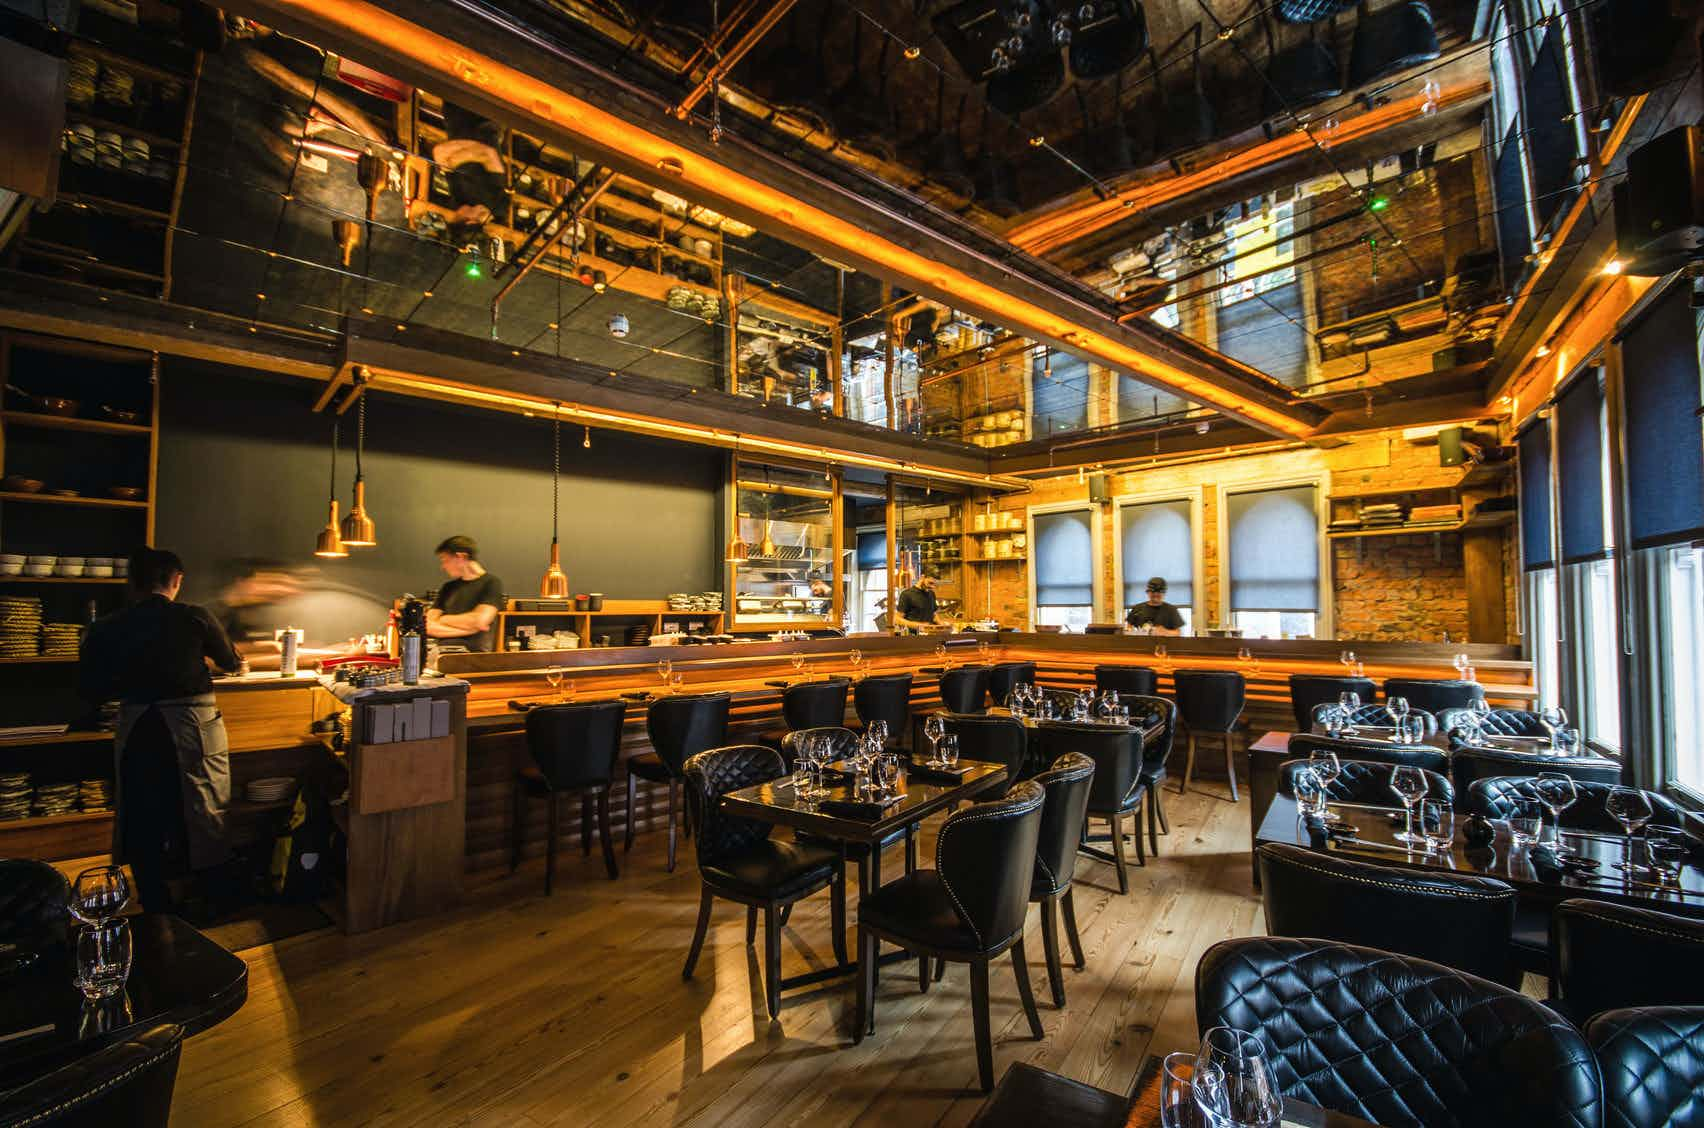 The Restaurant, Taste by Dylan McGrath